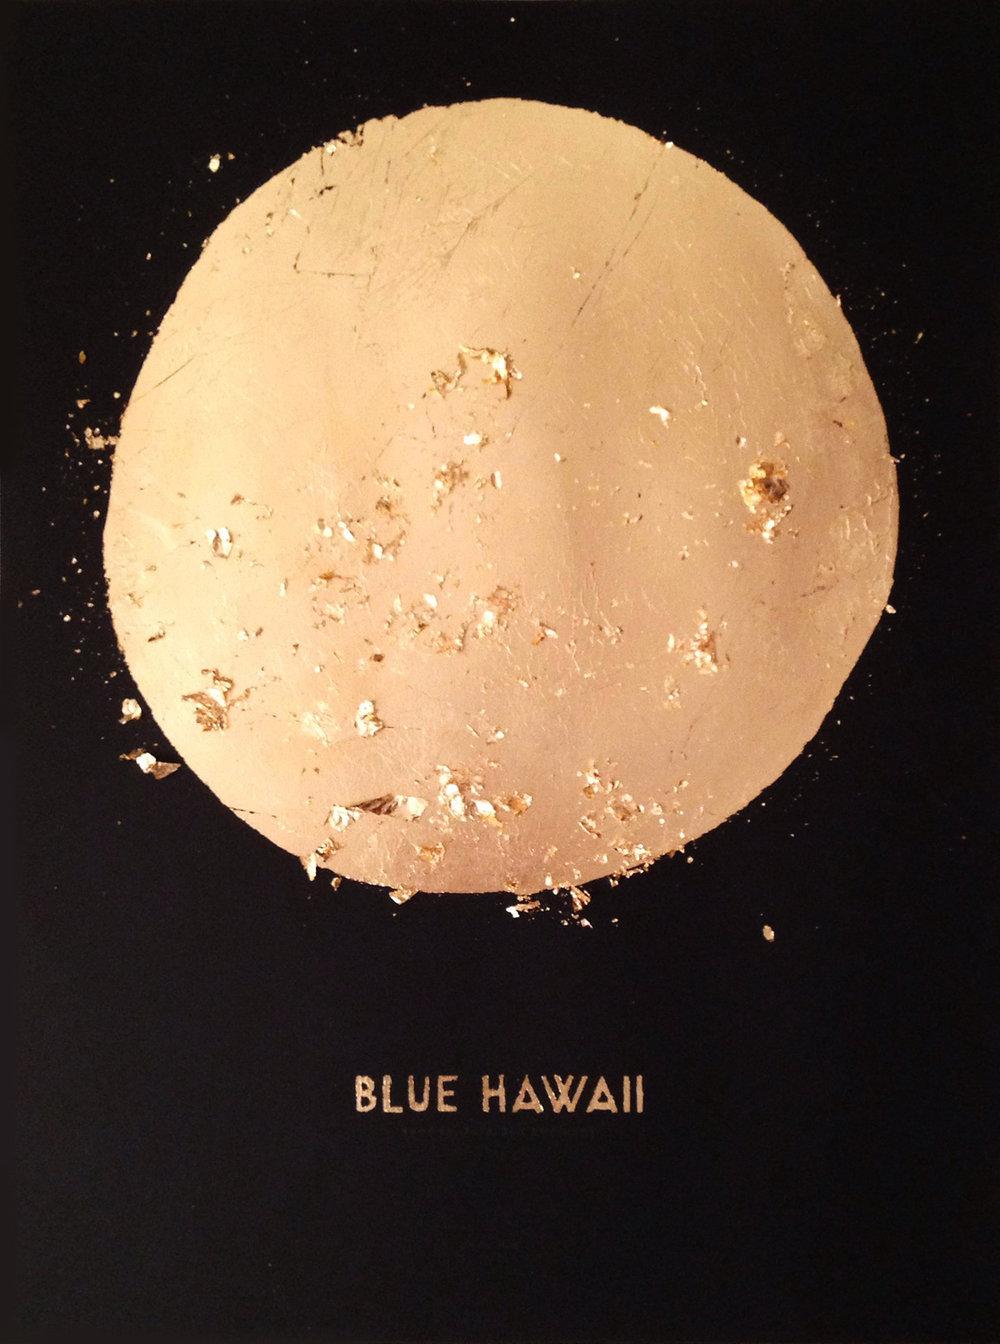 BlueHawaii_Poster.jpg